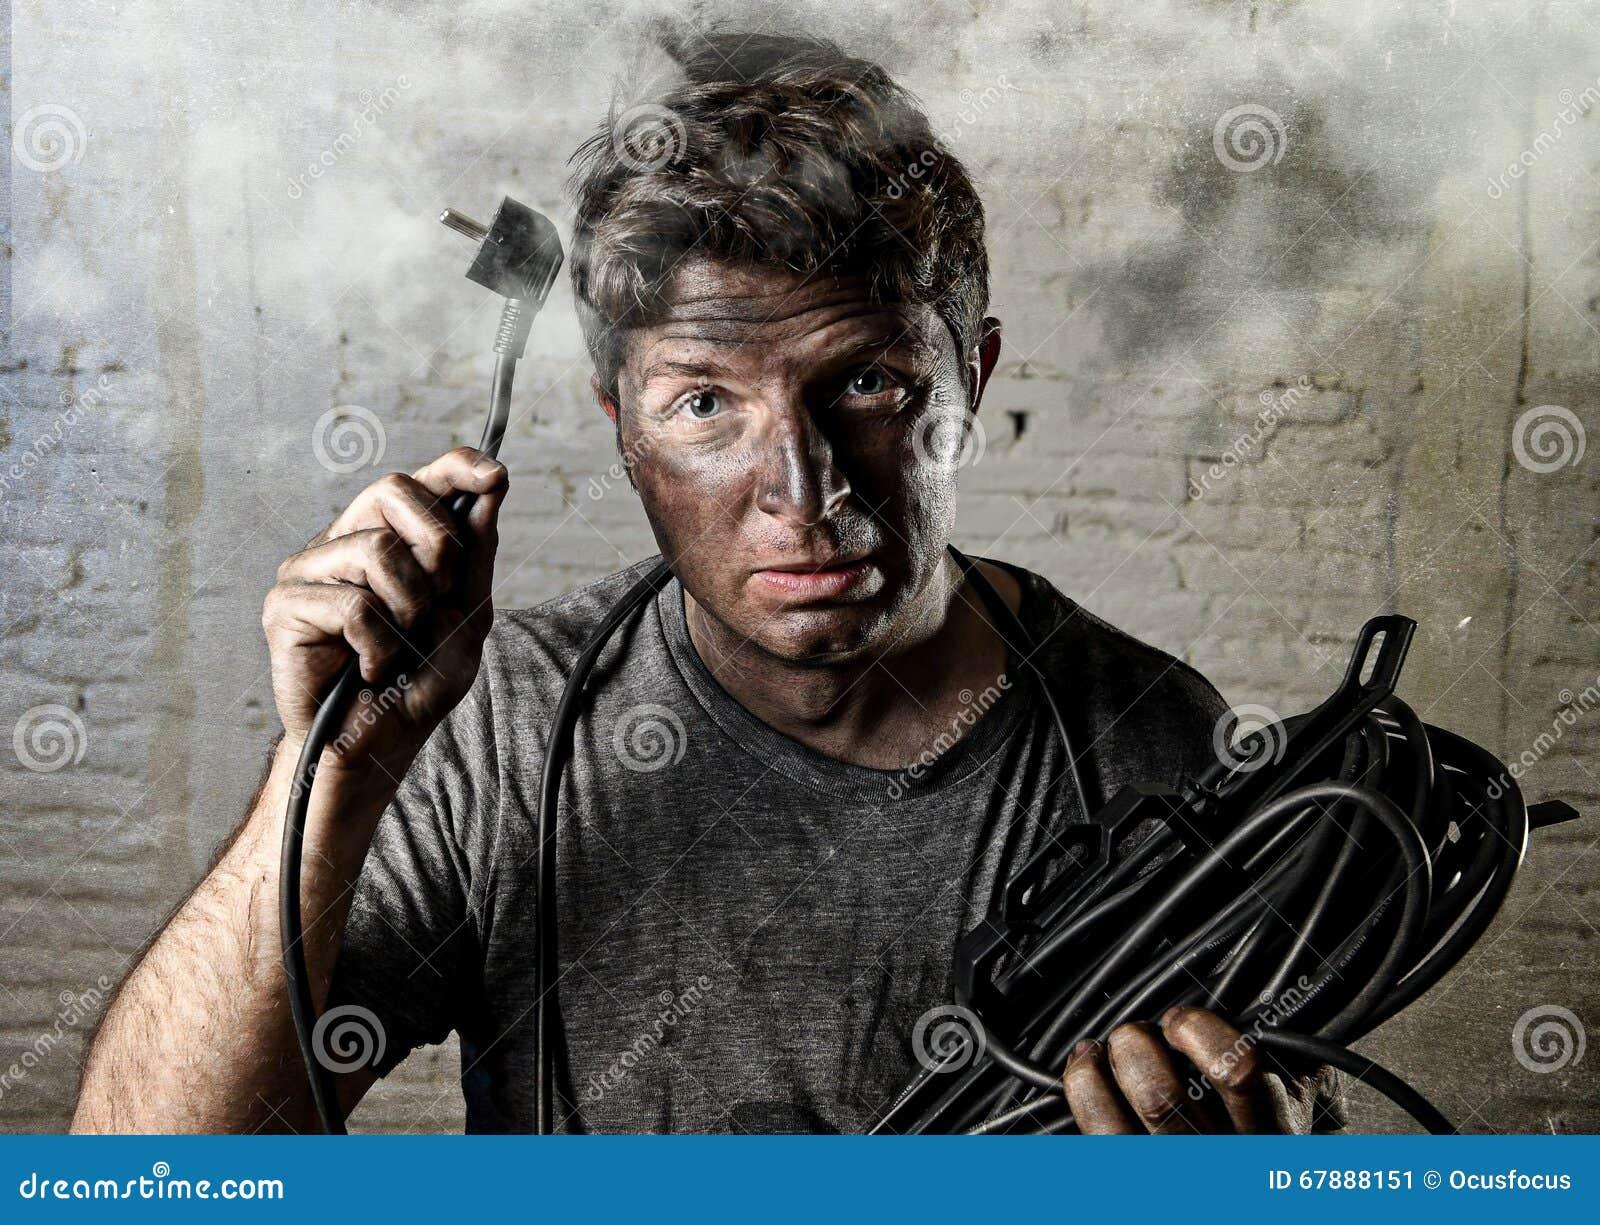 Cable dude facial 357 8